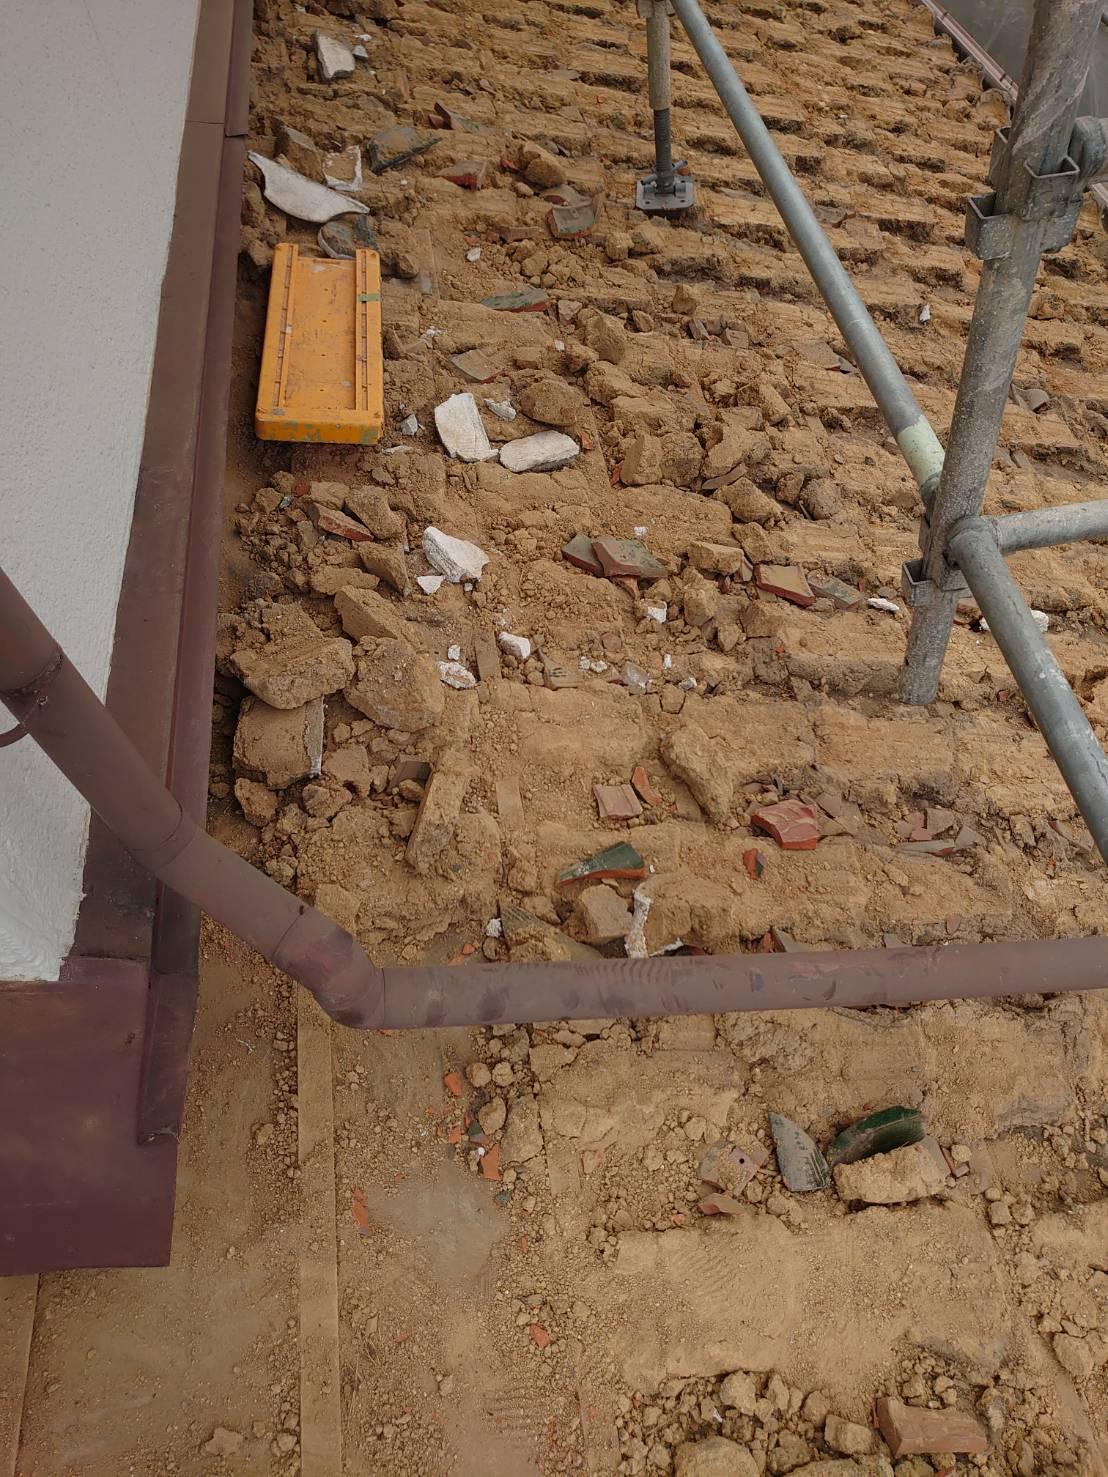 屋根葺き替え工事で瓦屋根の下の土を撤去している様子